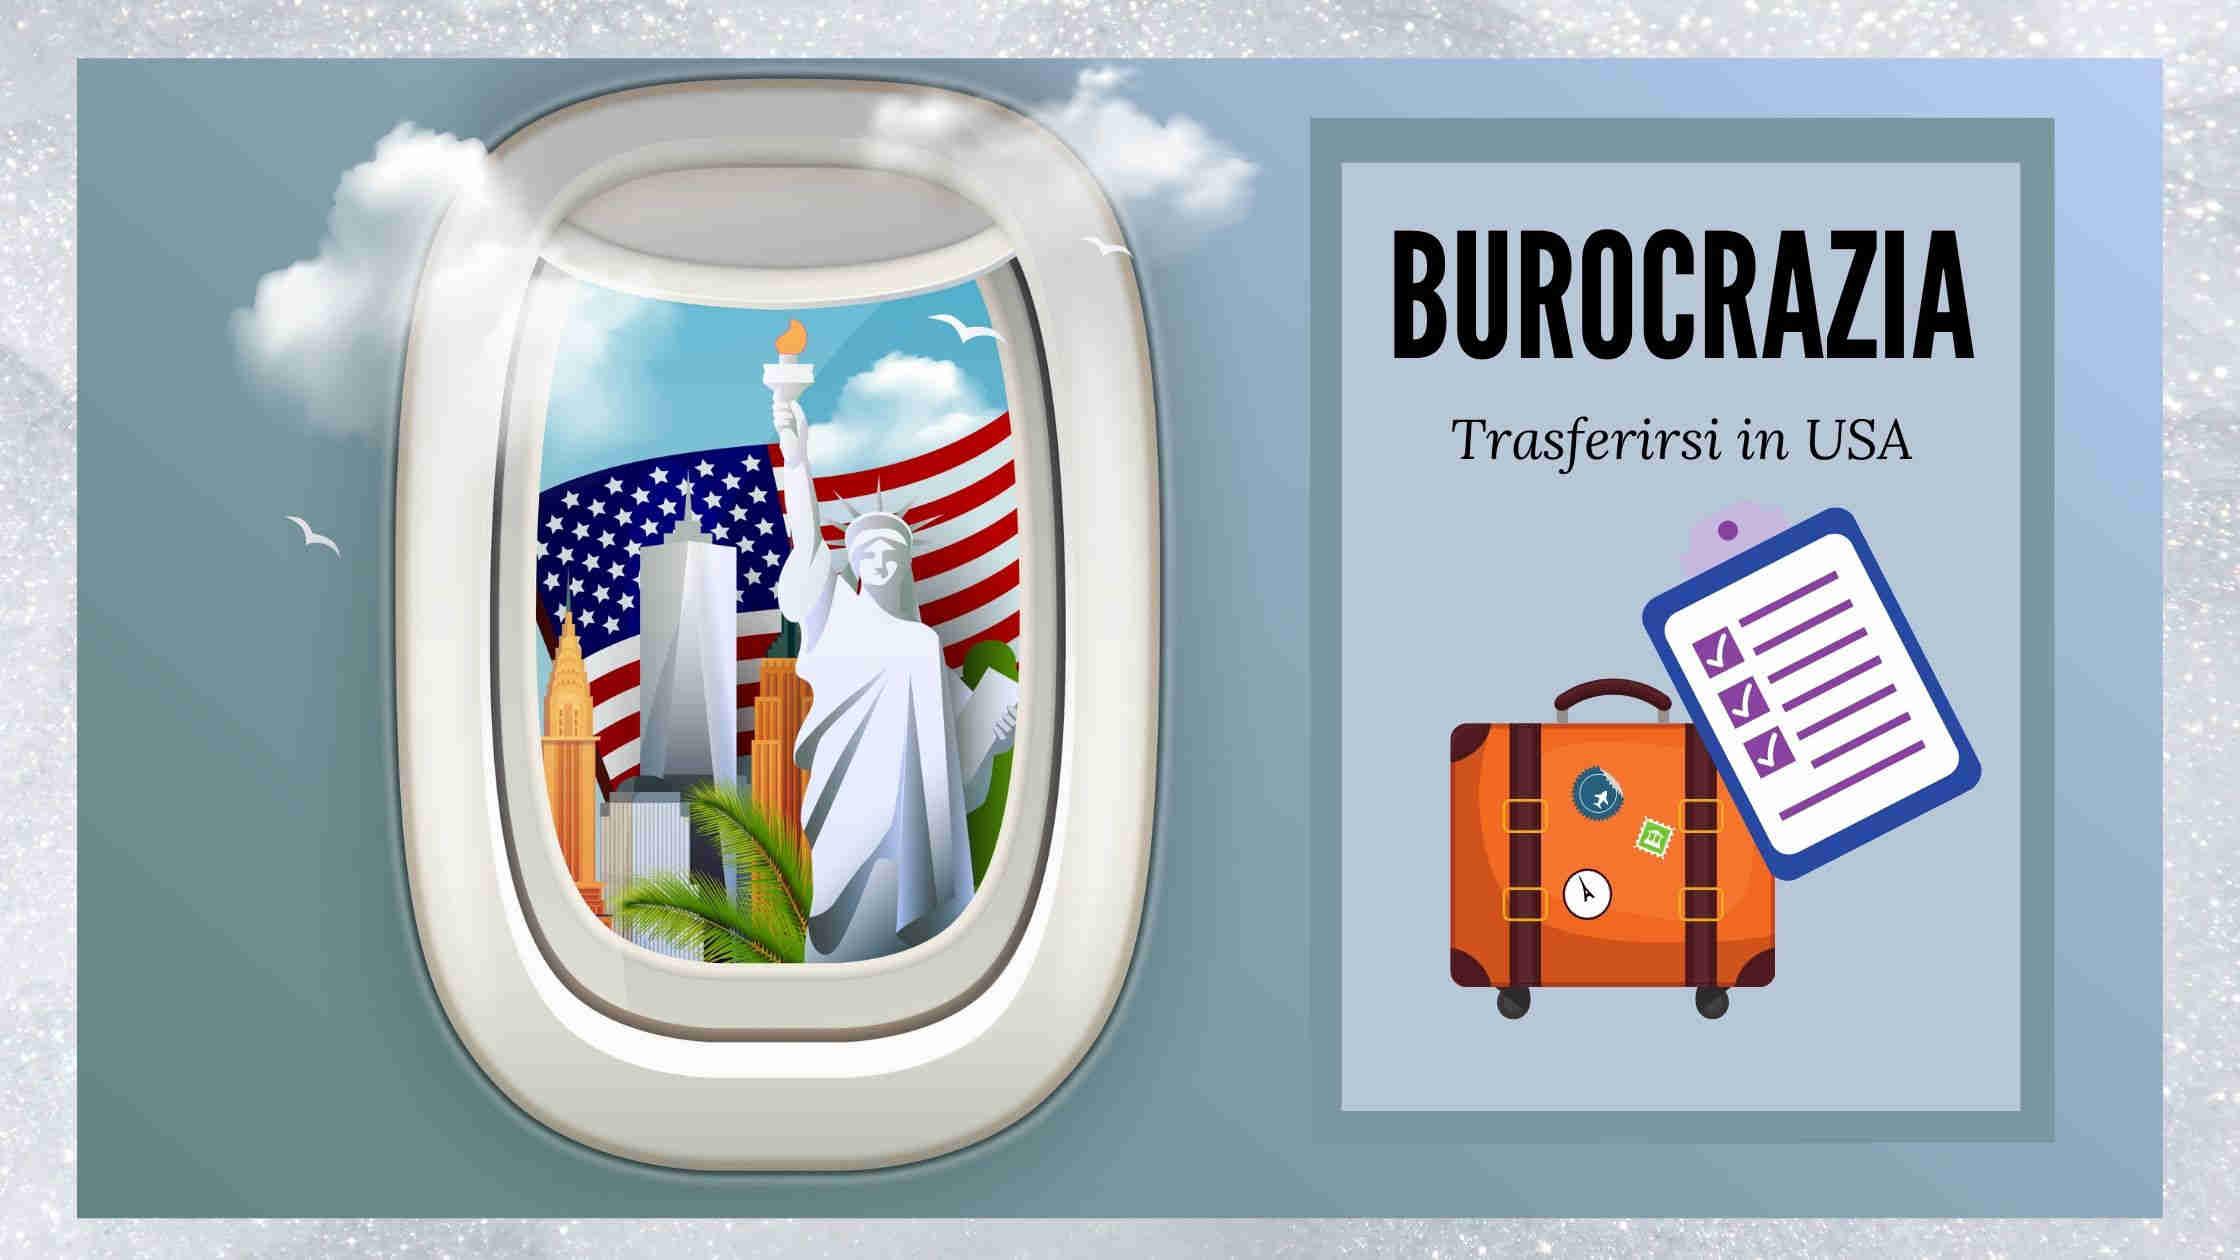 Trasferirsi in USA - Burocrazia